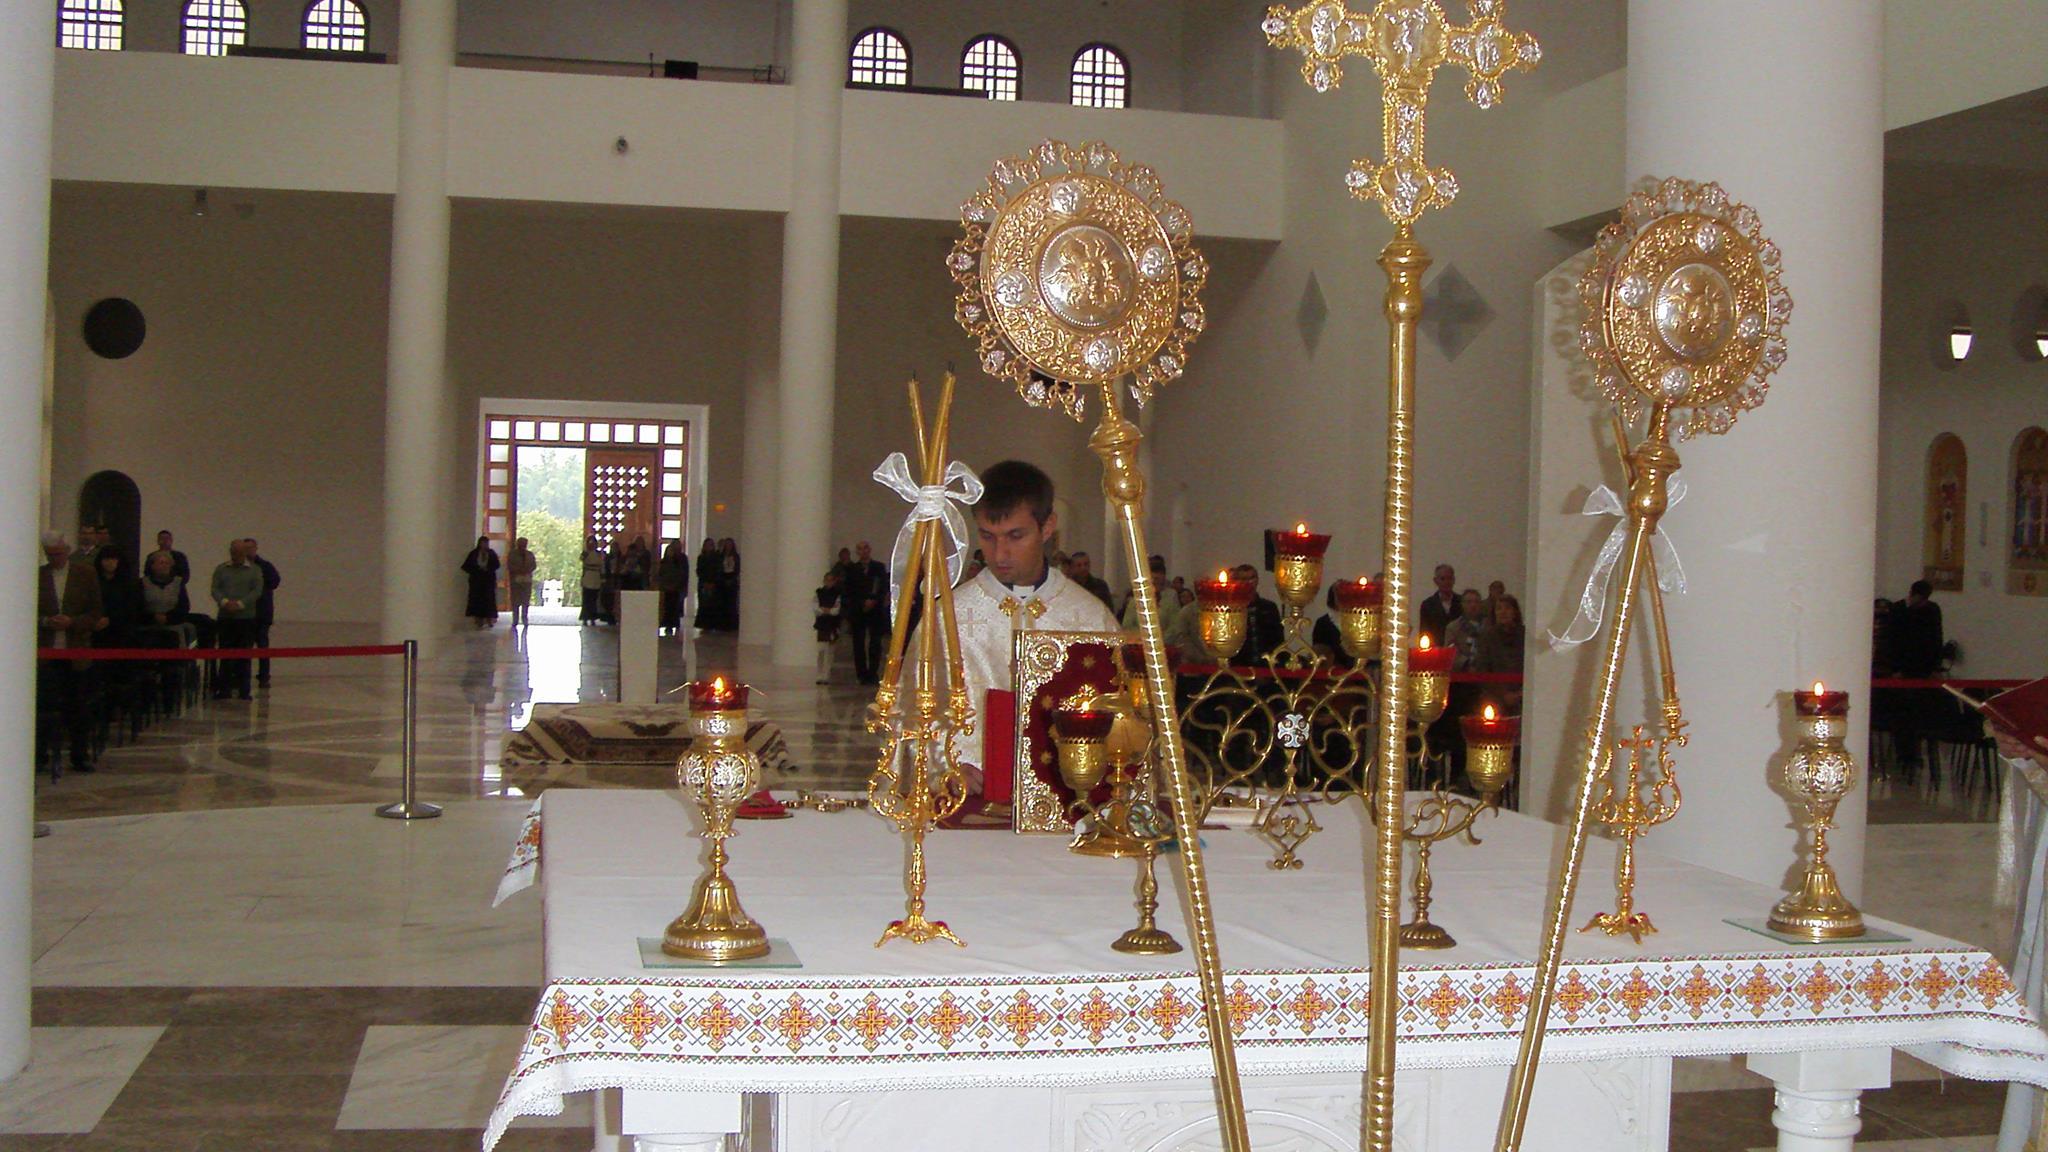 2013.09. Ранкова Літургія у Патріаршому соборі